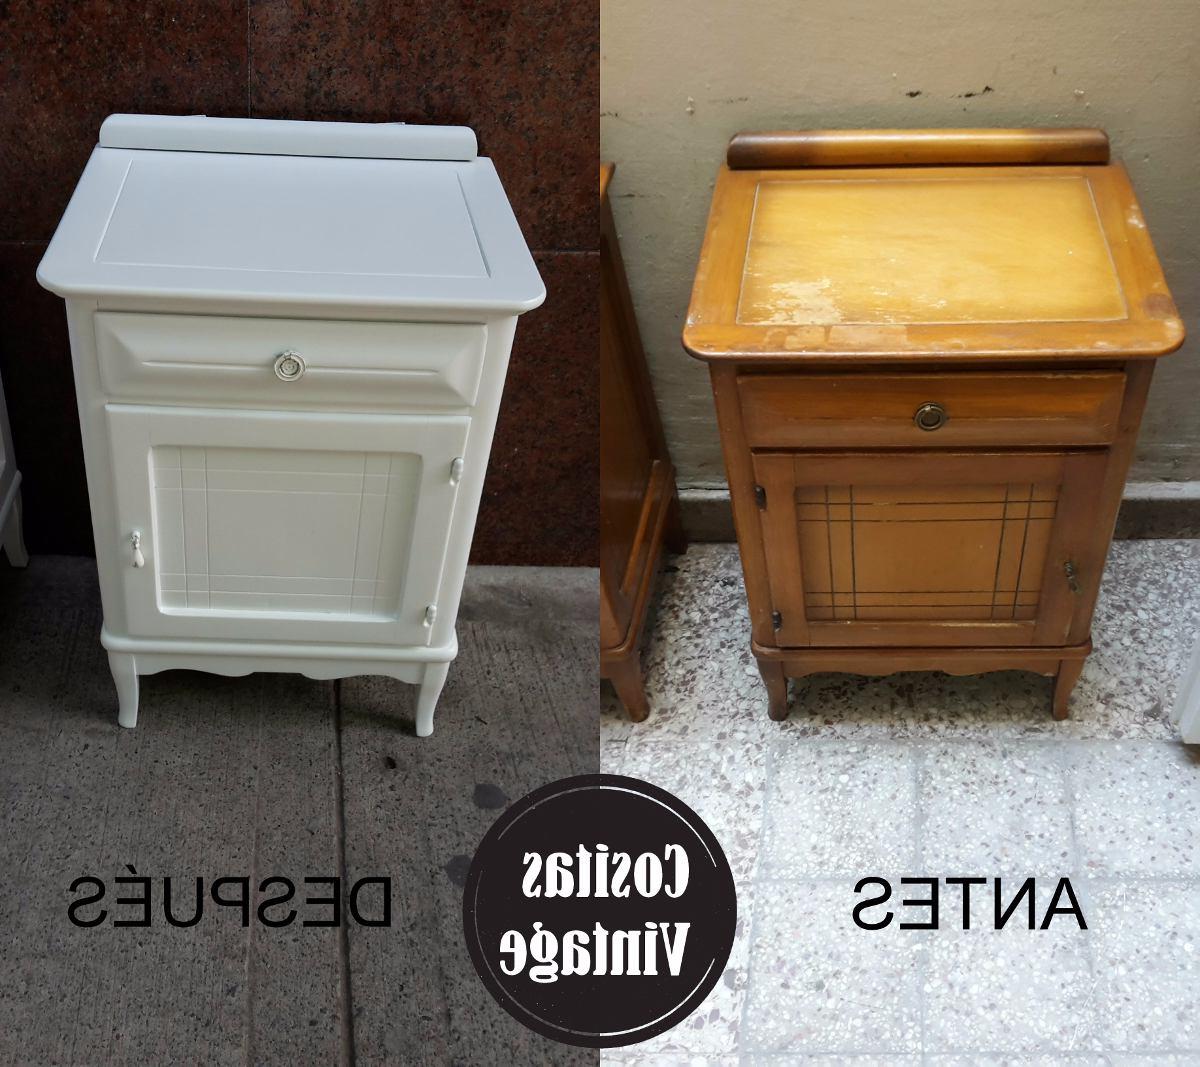 Reciclado De Muebles Whdr Restaurado Y Reciclado De Muebles A Pedido Cositas Vintage